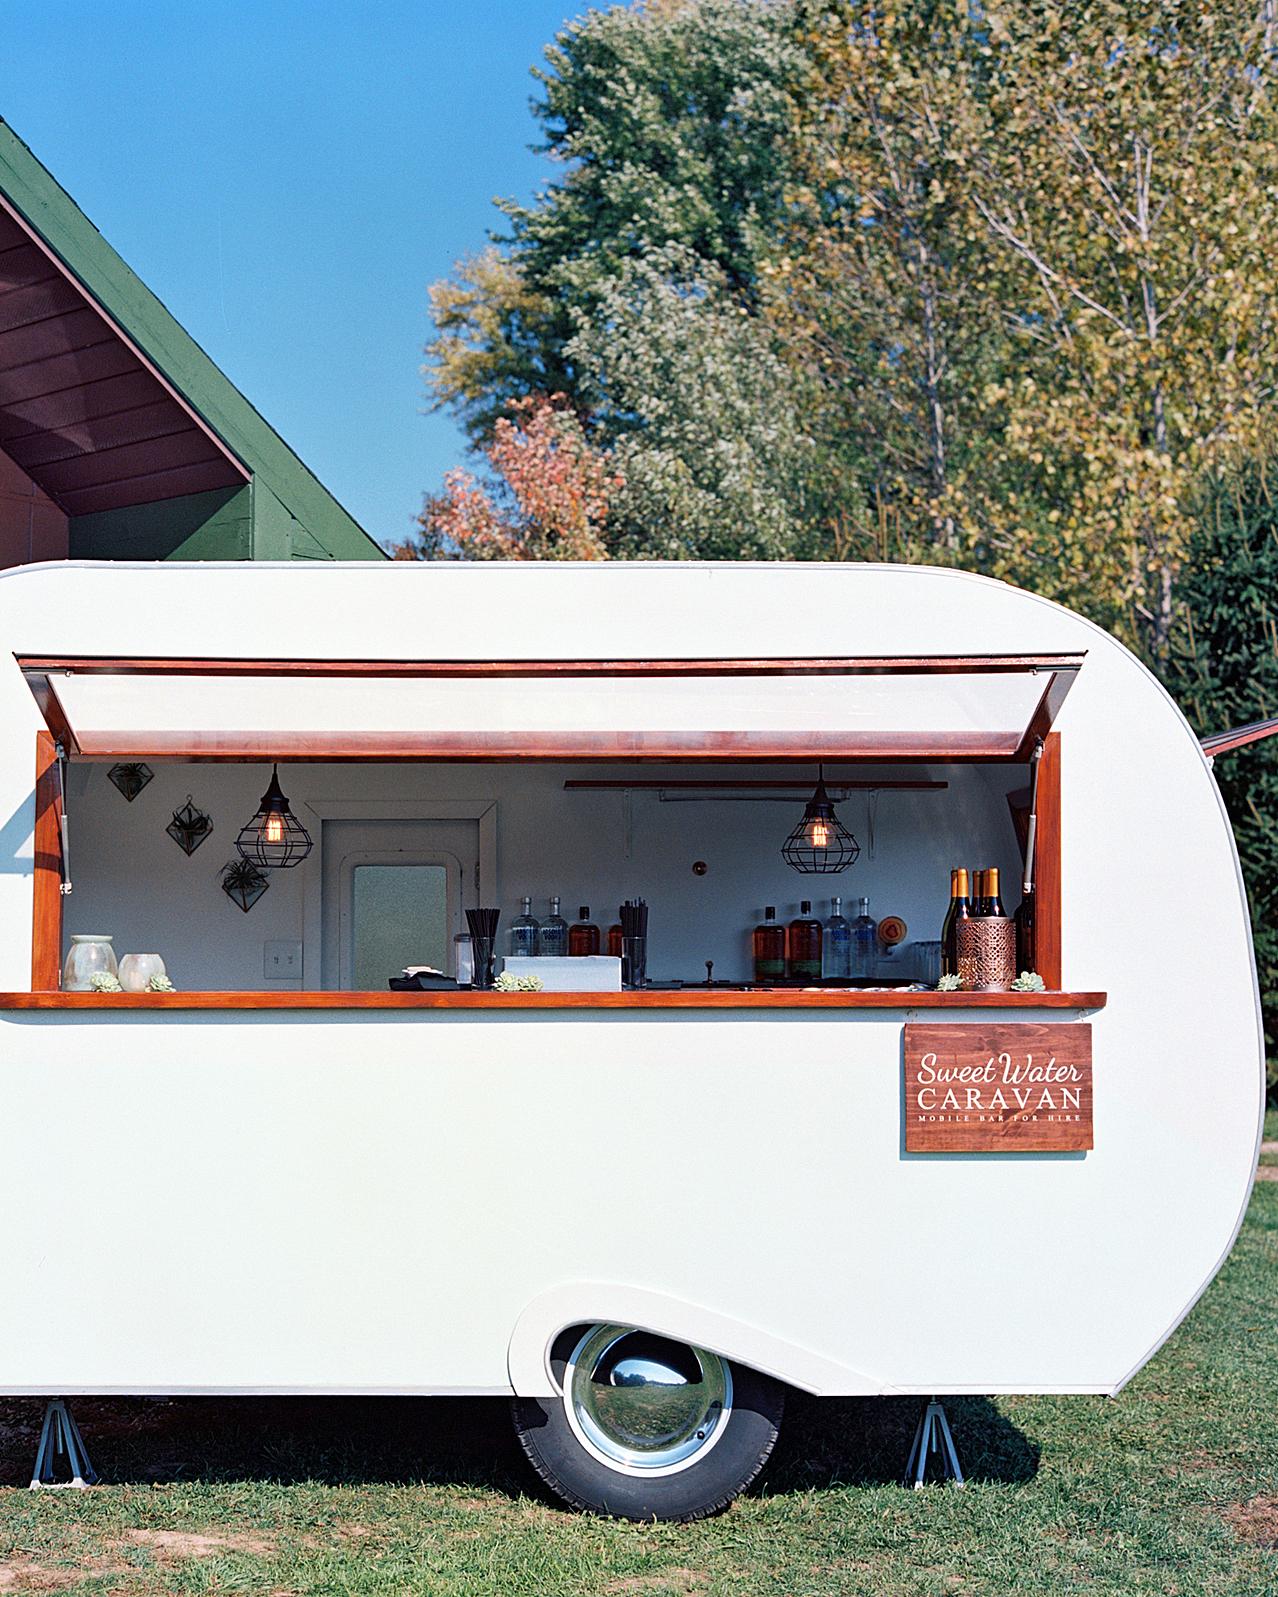 rachel elijah wedding caravan